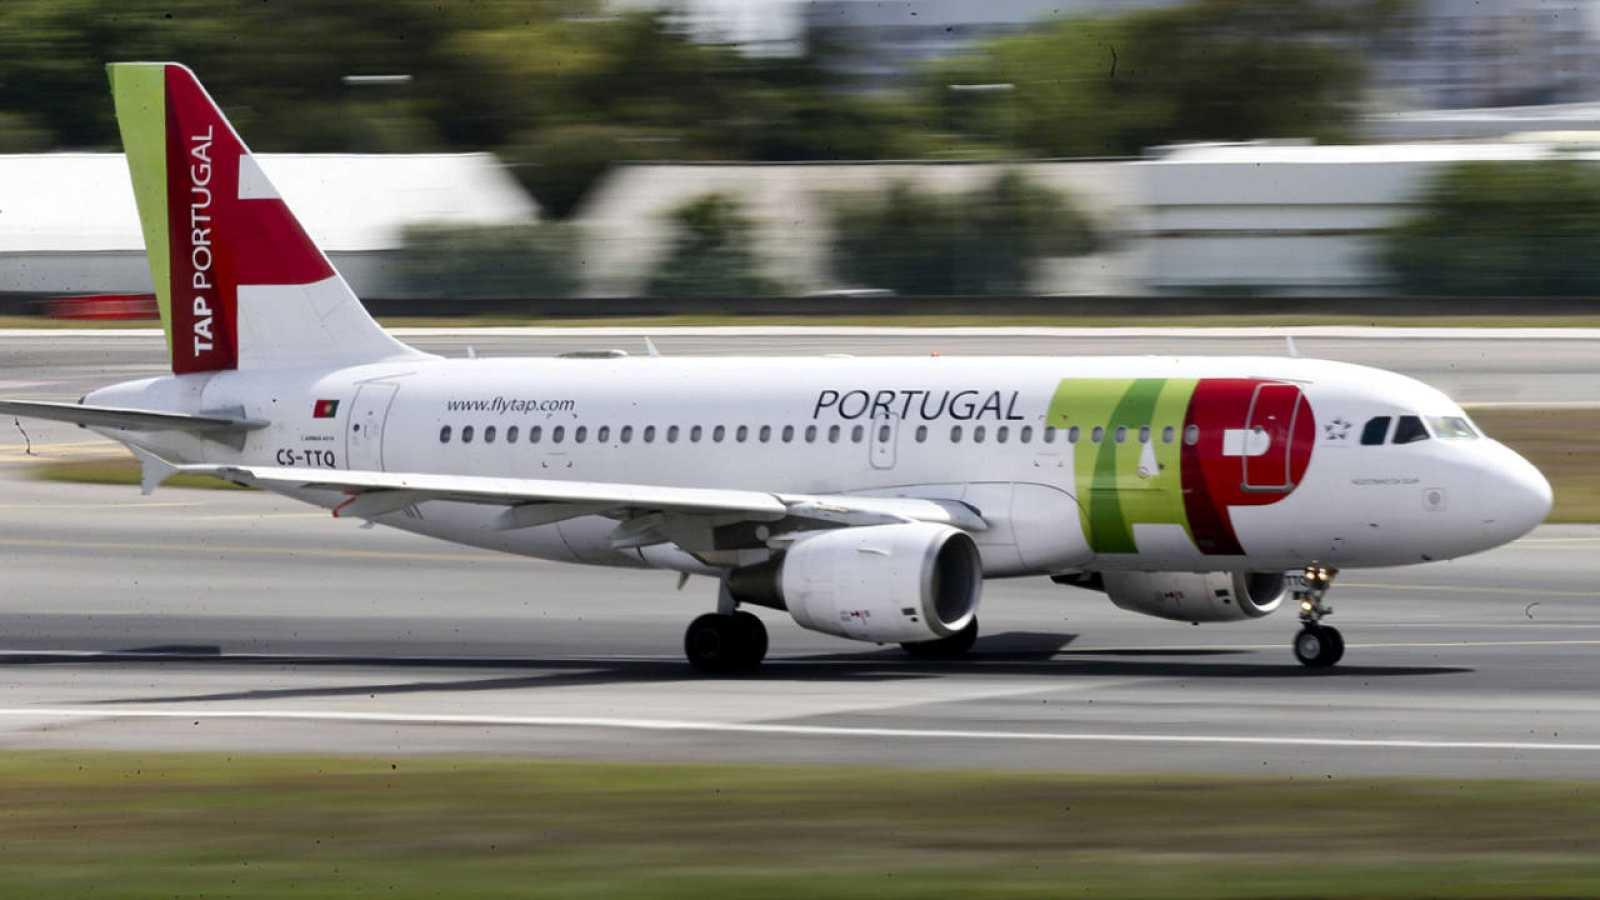 Un avión de la aerolínea TAP (Transportes Aéreos Portugueses)